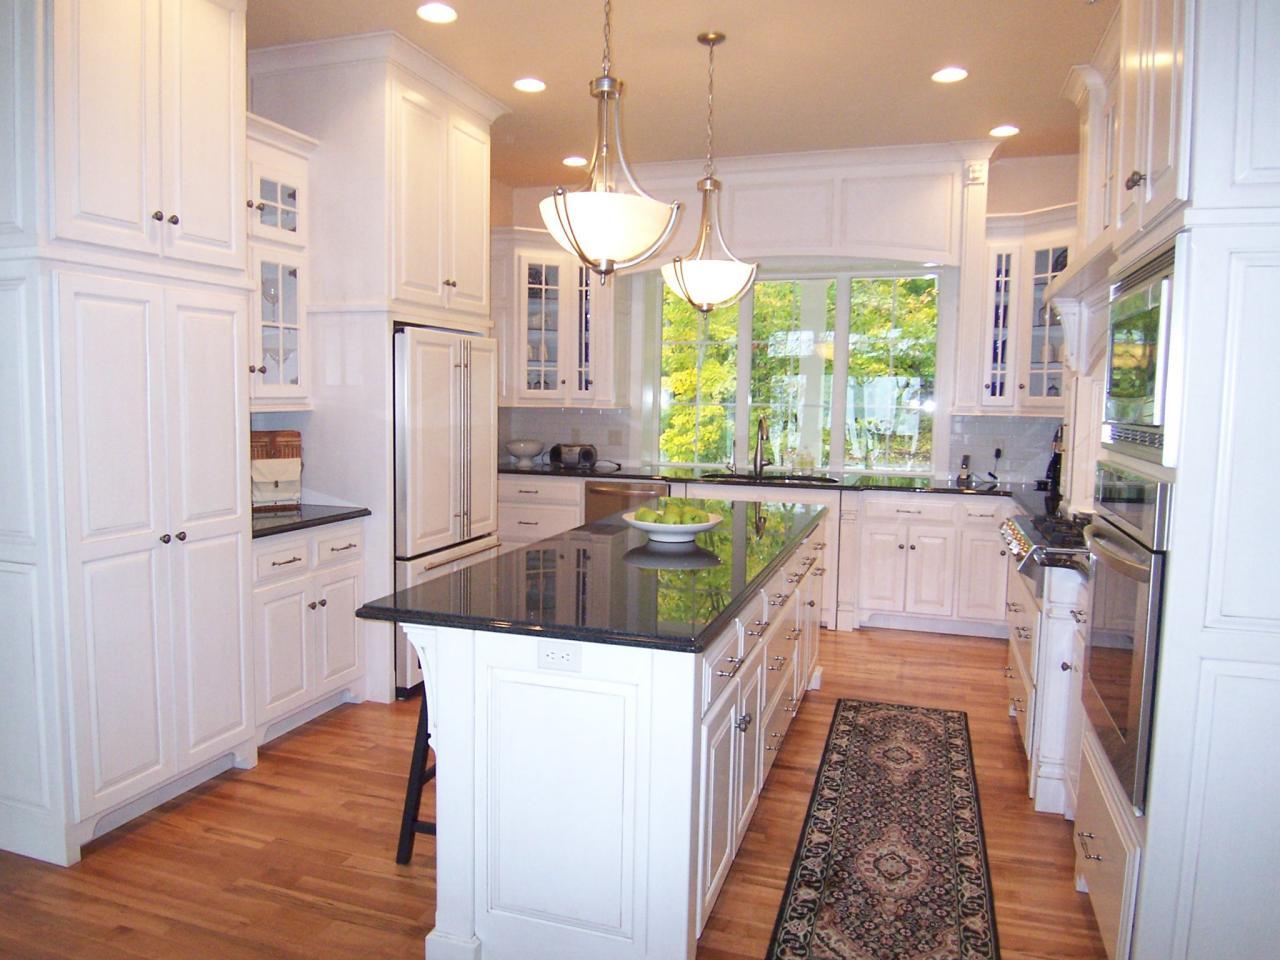 u shaped kitchens photos photo - 8